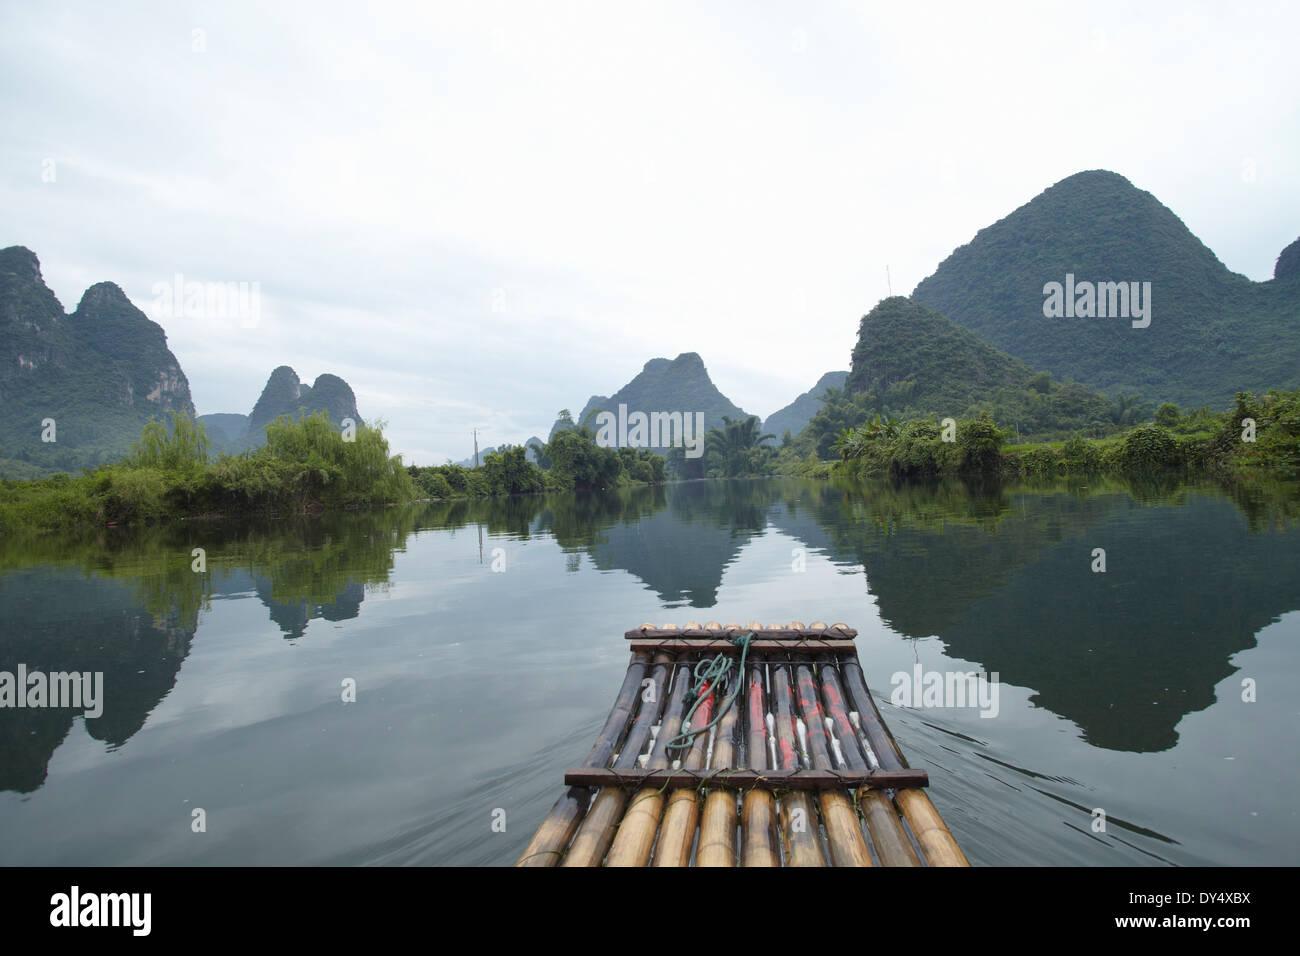 Bamboo rafting, Yangshuo, China Stock Photo